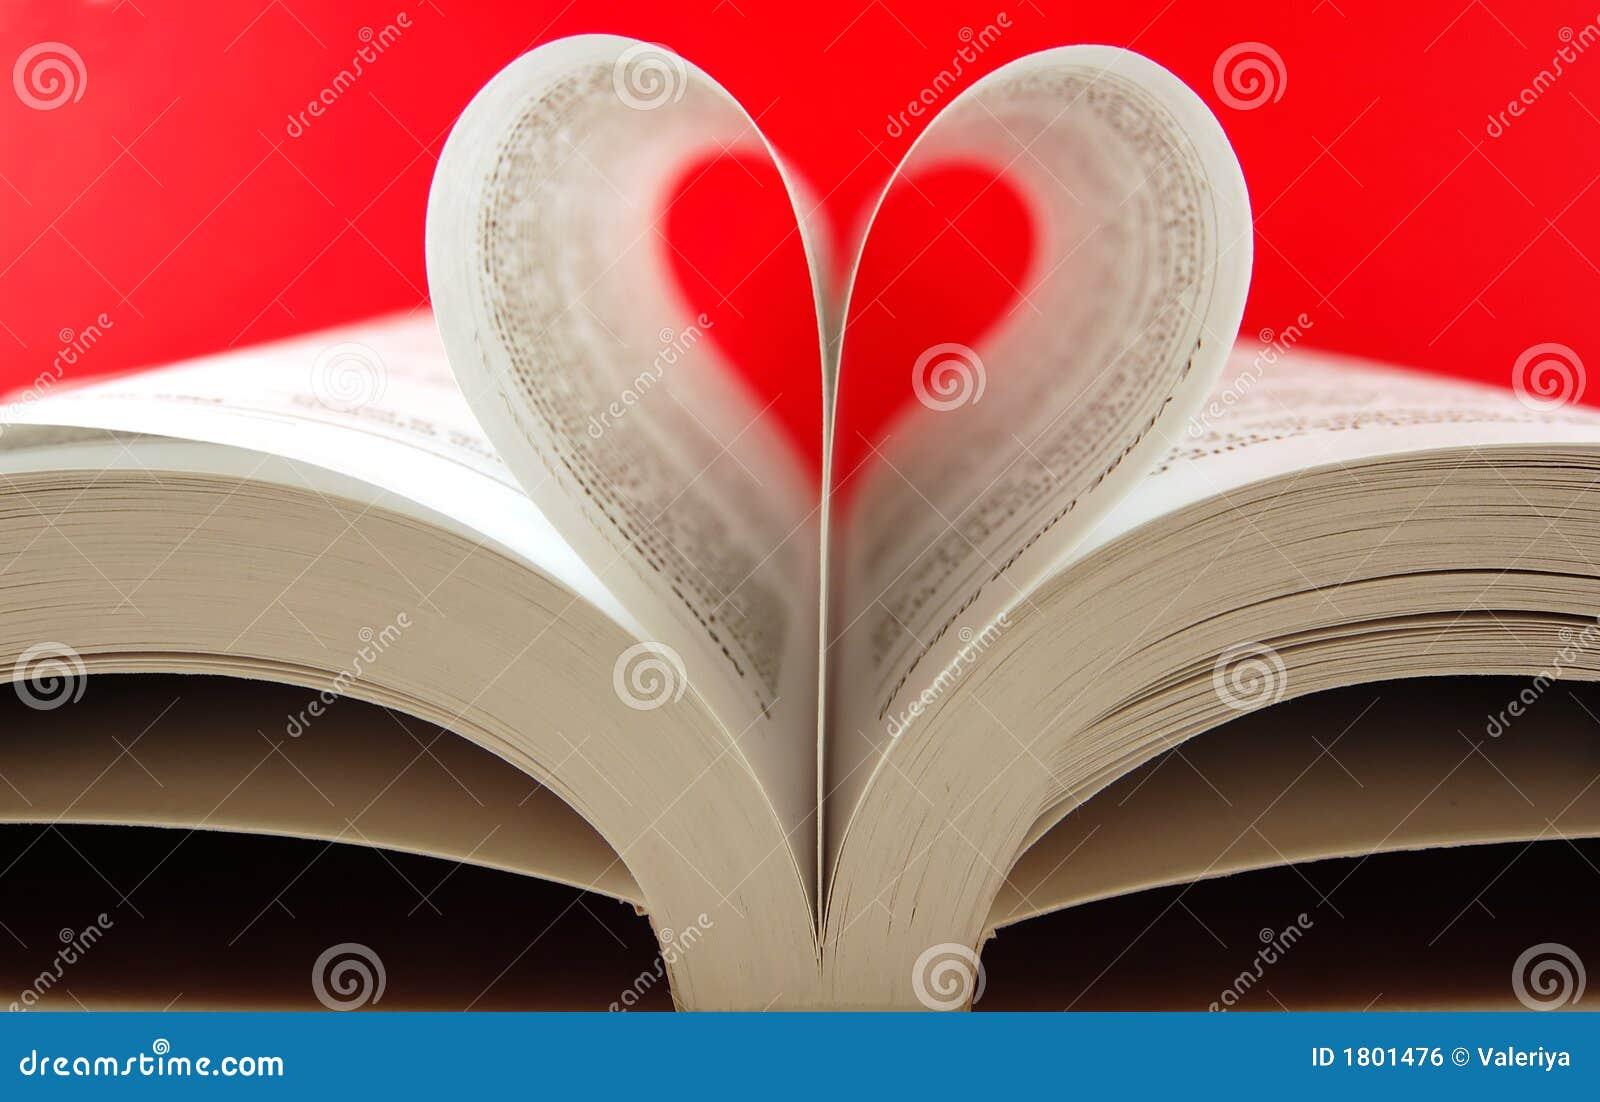 Pages d un livre